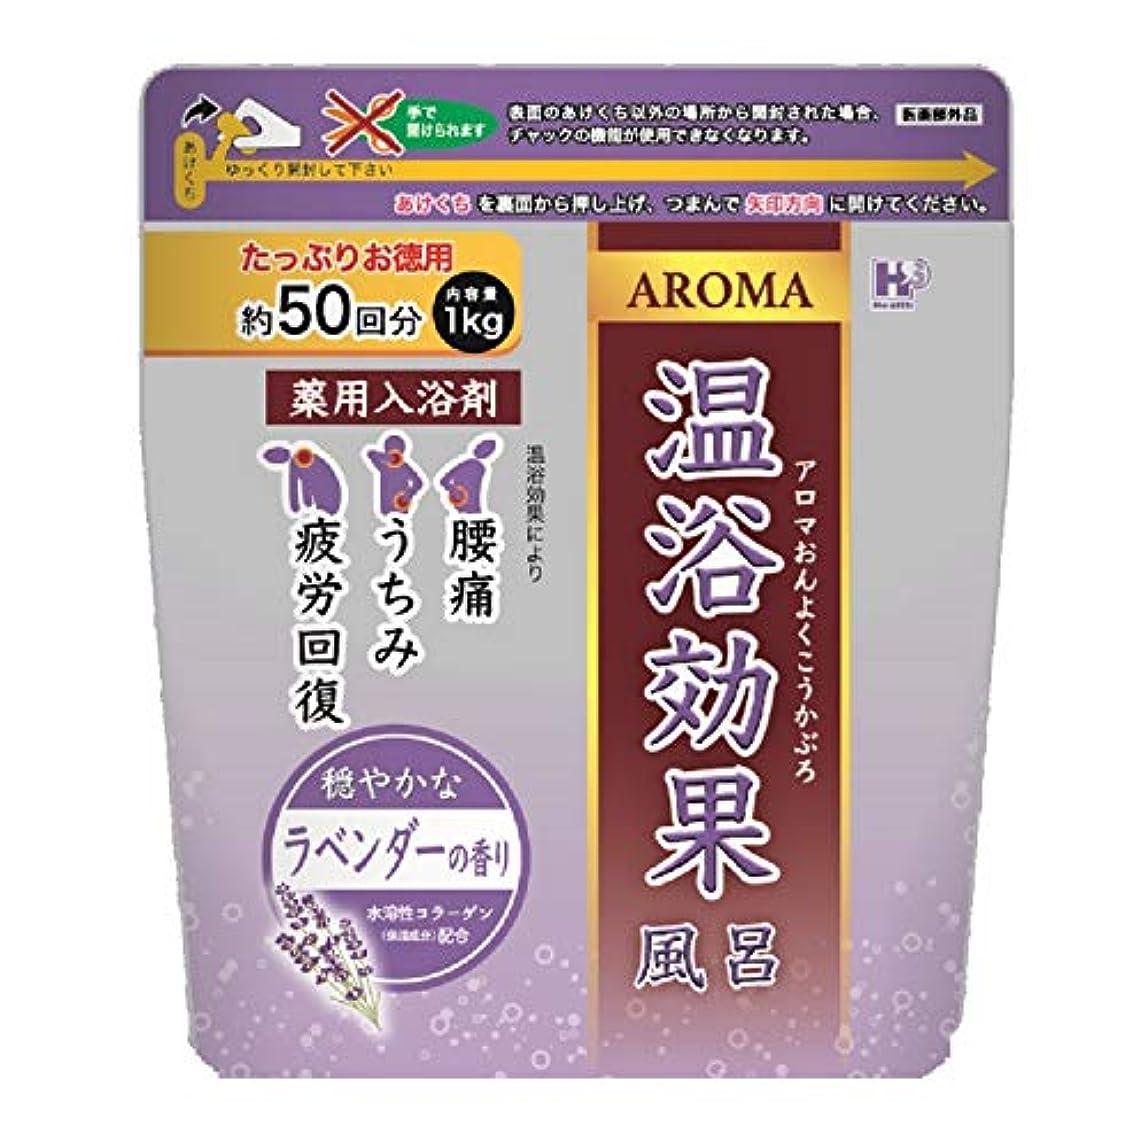 アロマ温浴効果風呂 ラベンダー 1kg